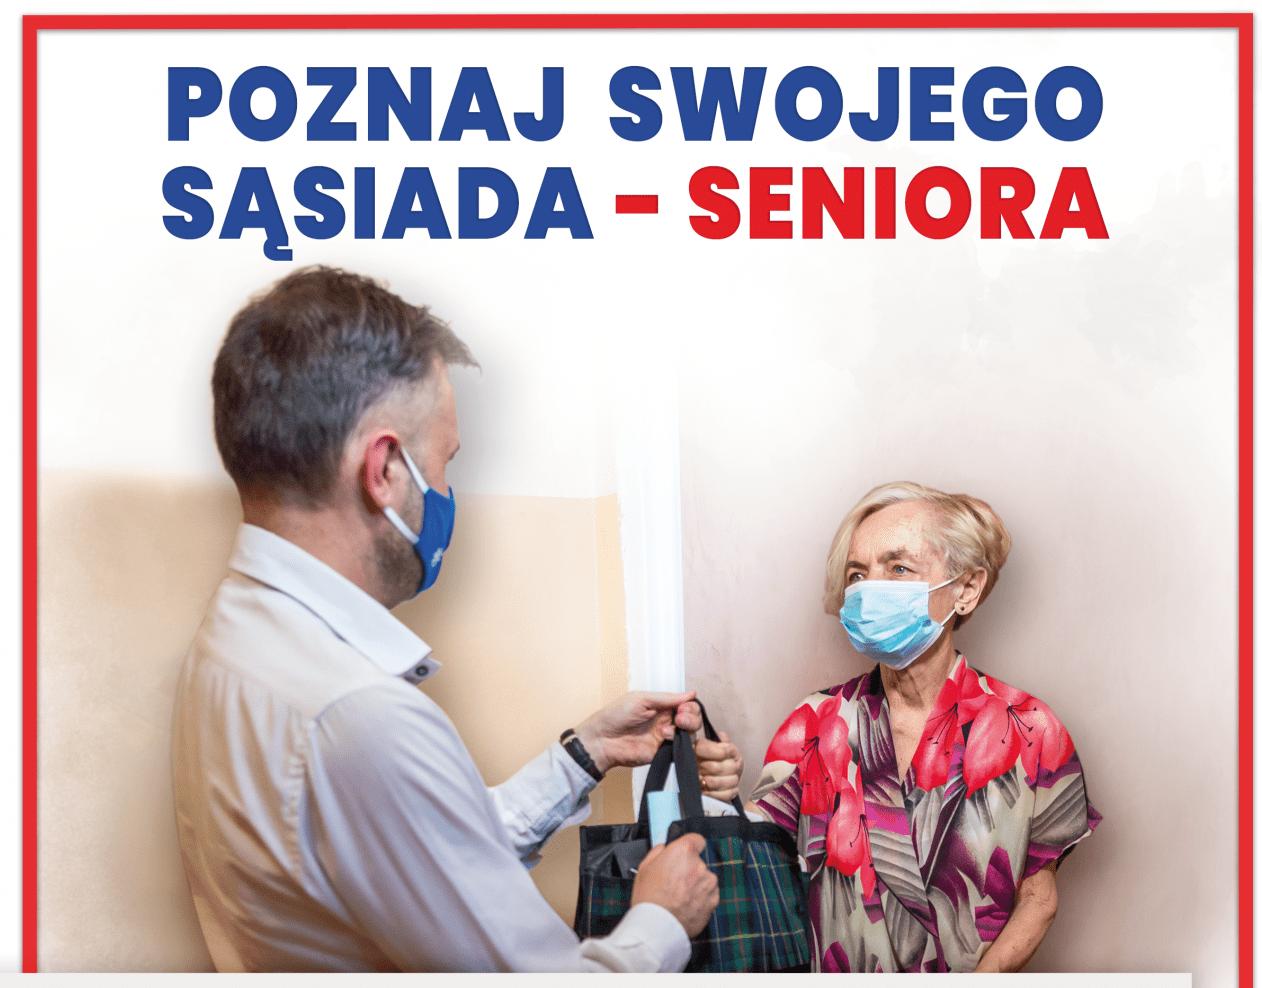 poznaj swojego sasiada seniora 3 mm spad 1 e1627982600693 - Poznaj Swojego Sąsiada - Seniora !